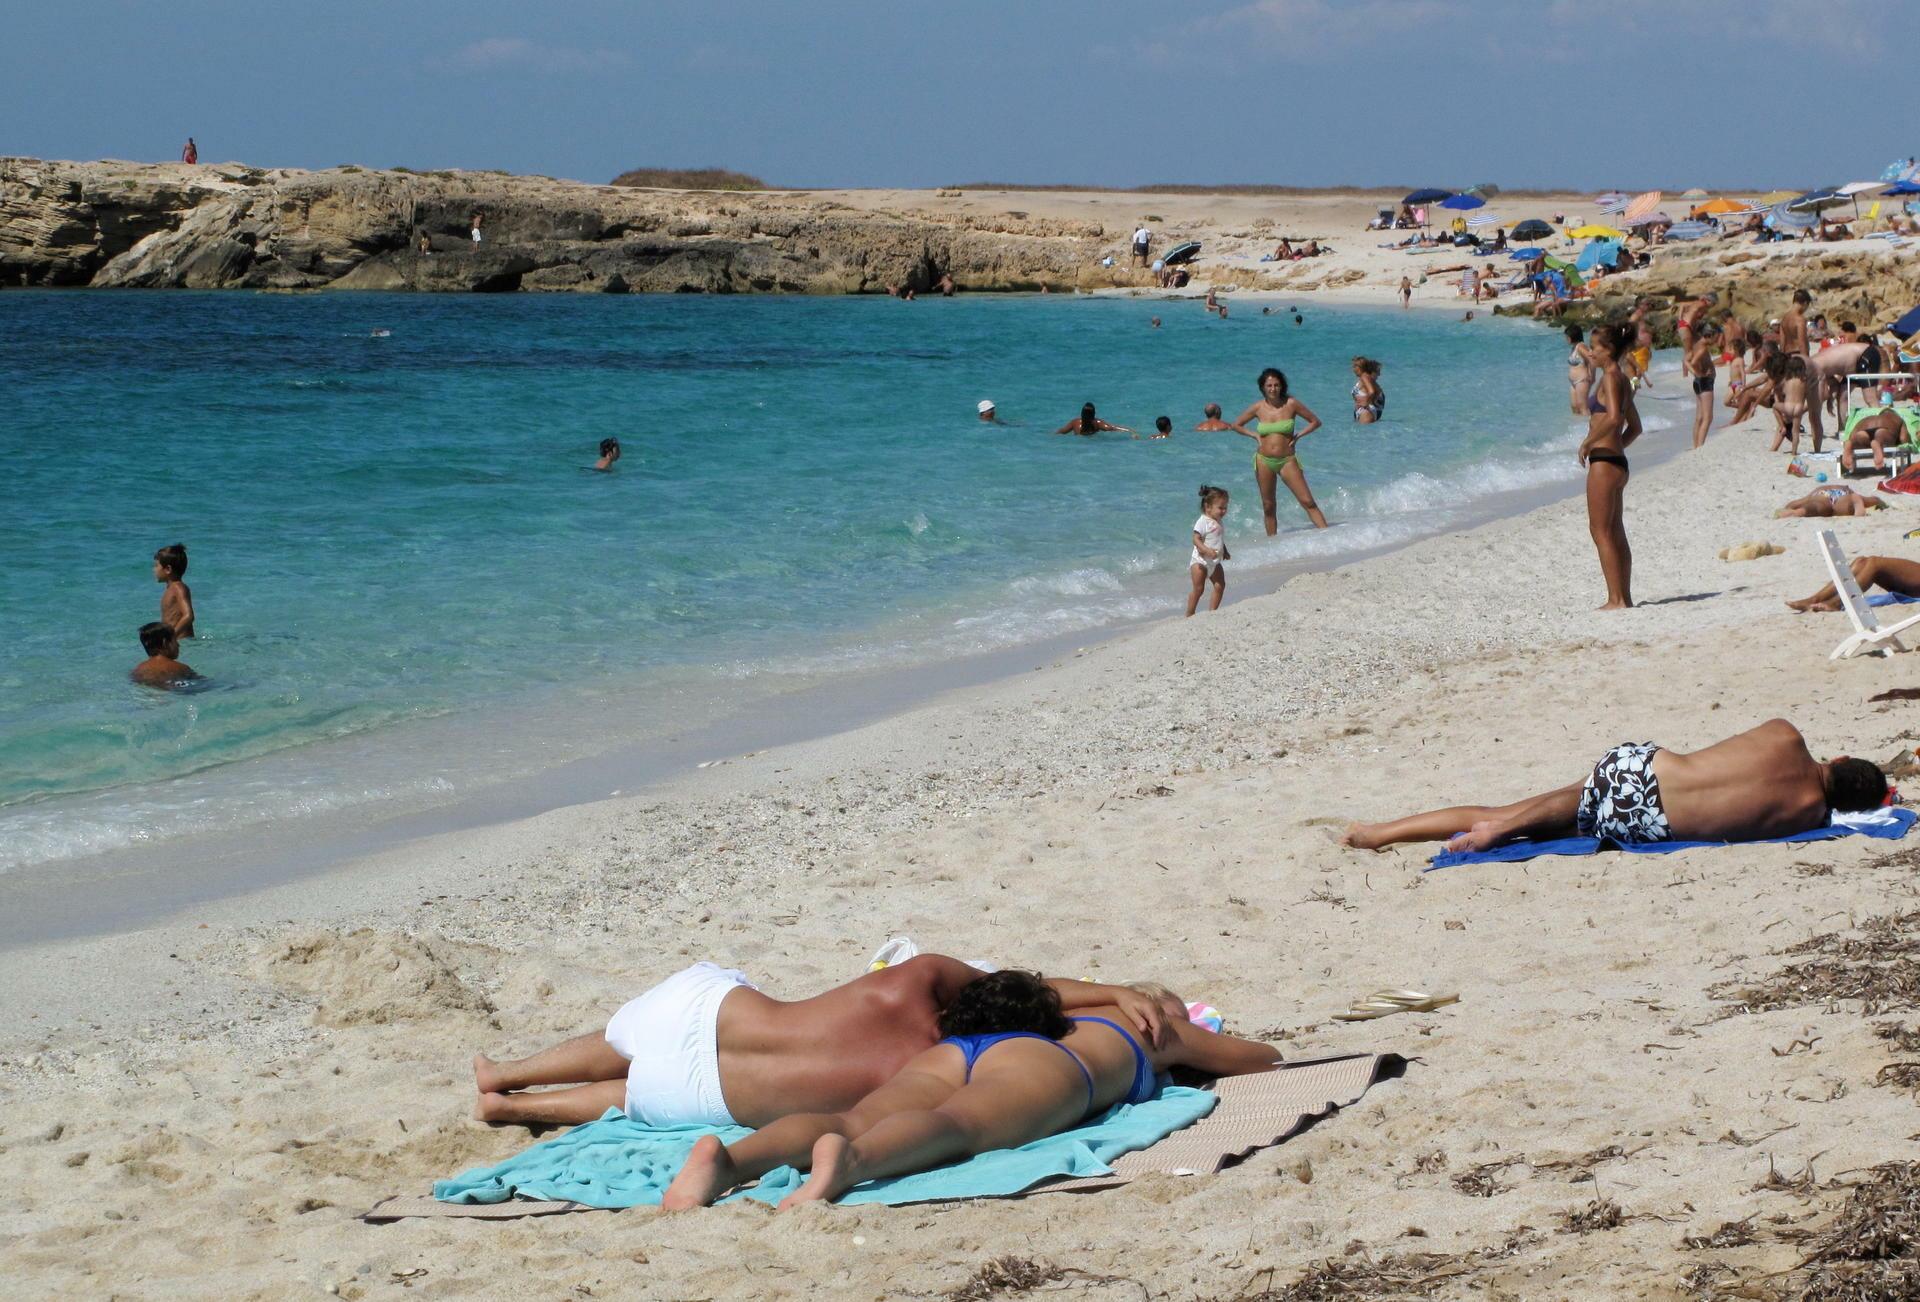 Wirtschaftsfaktor Urlaub Die Reiselust Der Russen